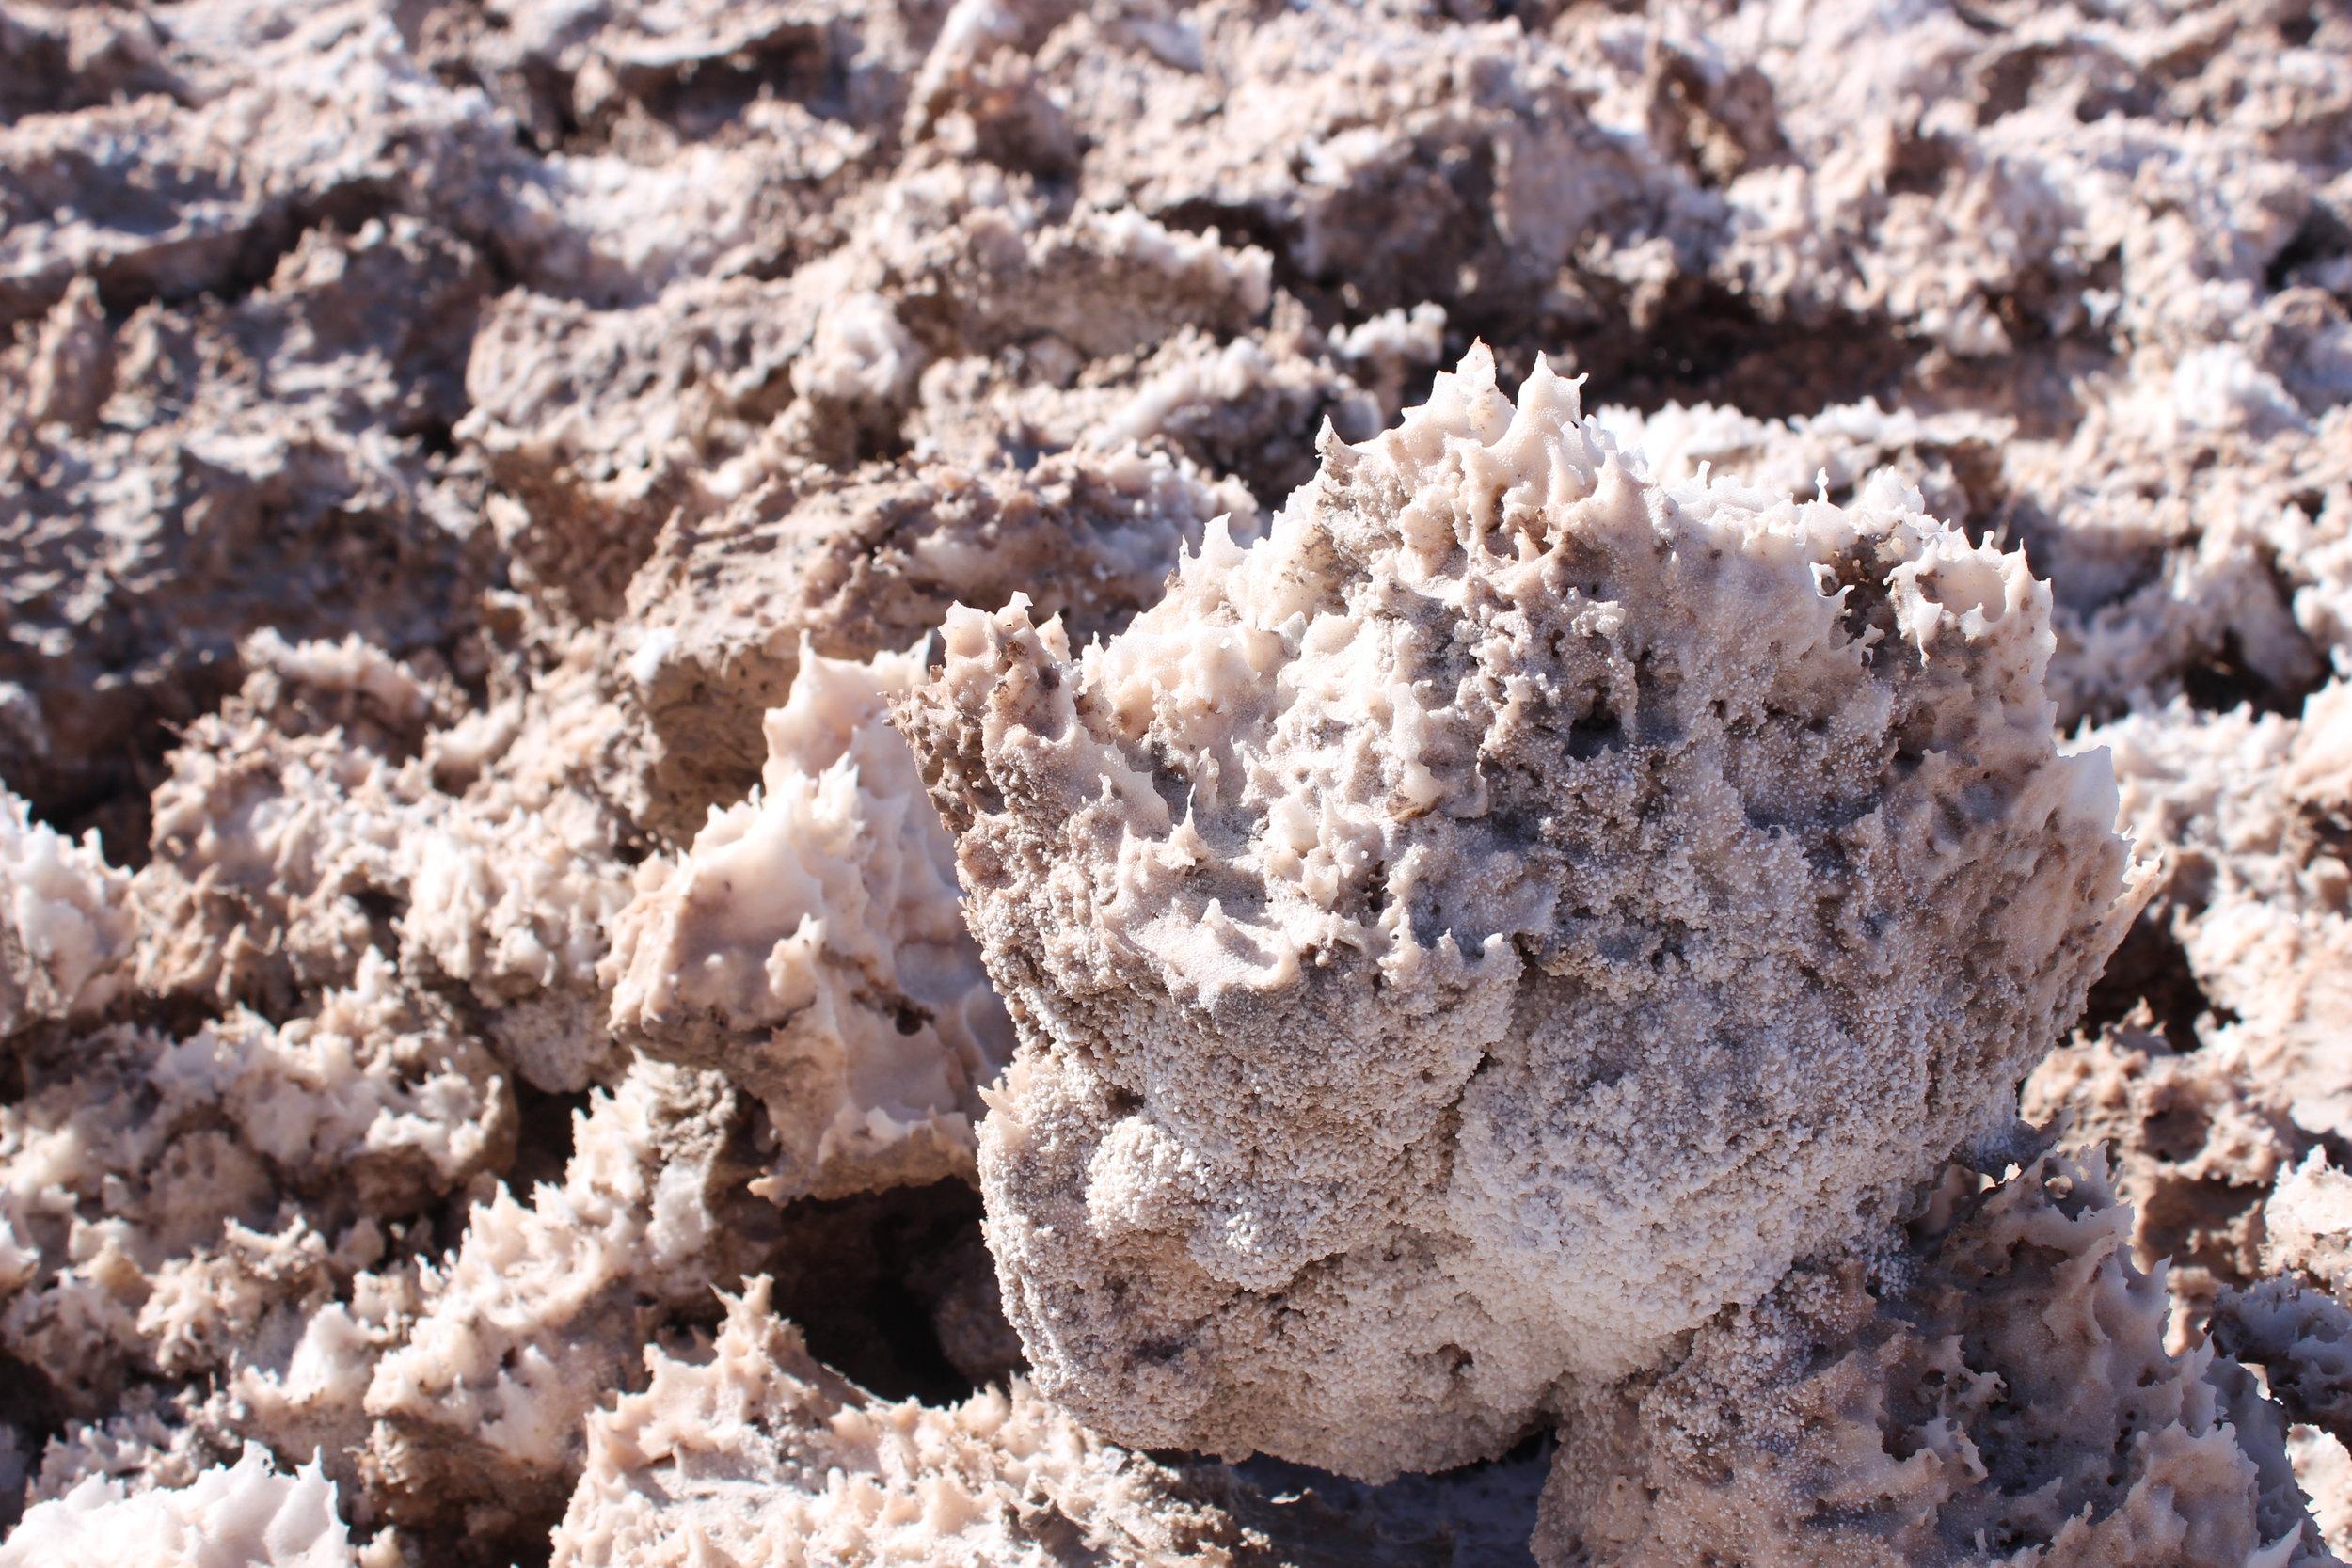 Salt Crystals found on the terrain of the Salar de Atacama,  Hannah Rowan